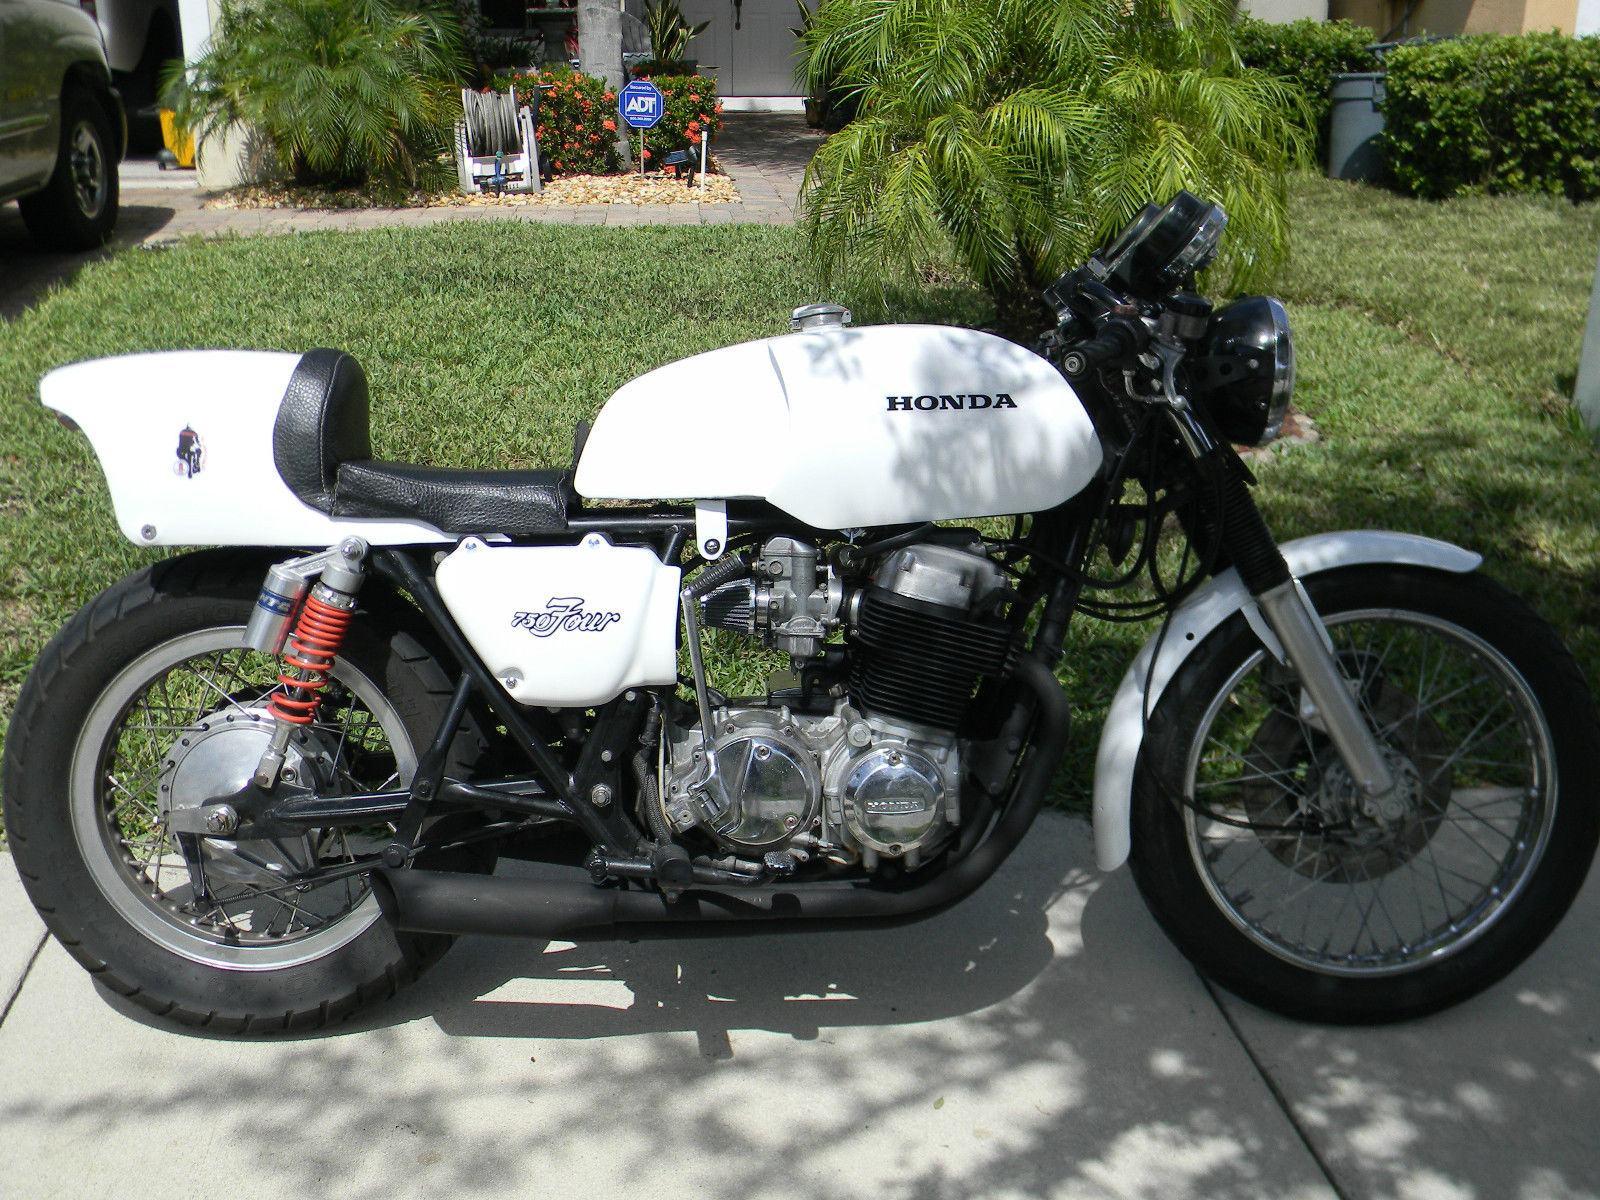 1977 honda cb750 cafe racer for sale for Honda hrv gas tank size